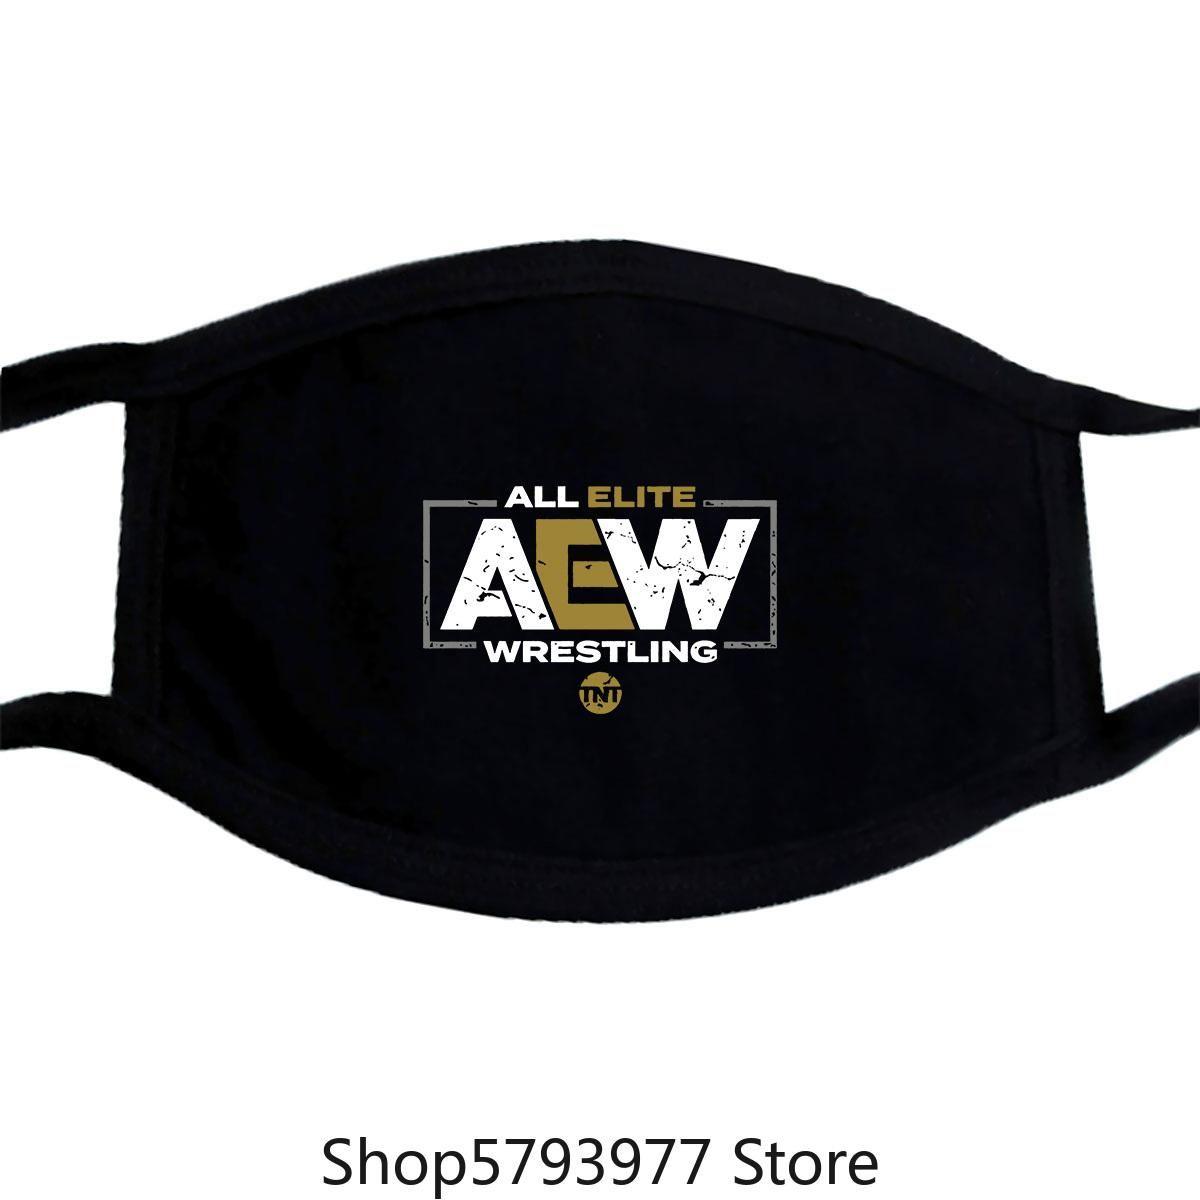 Tutti Elite Wrestling Aew Tnt Tv Show 2019 Maschera Nera Corta Da Uomo Delle Donne ctwzr